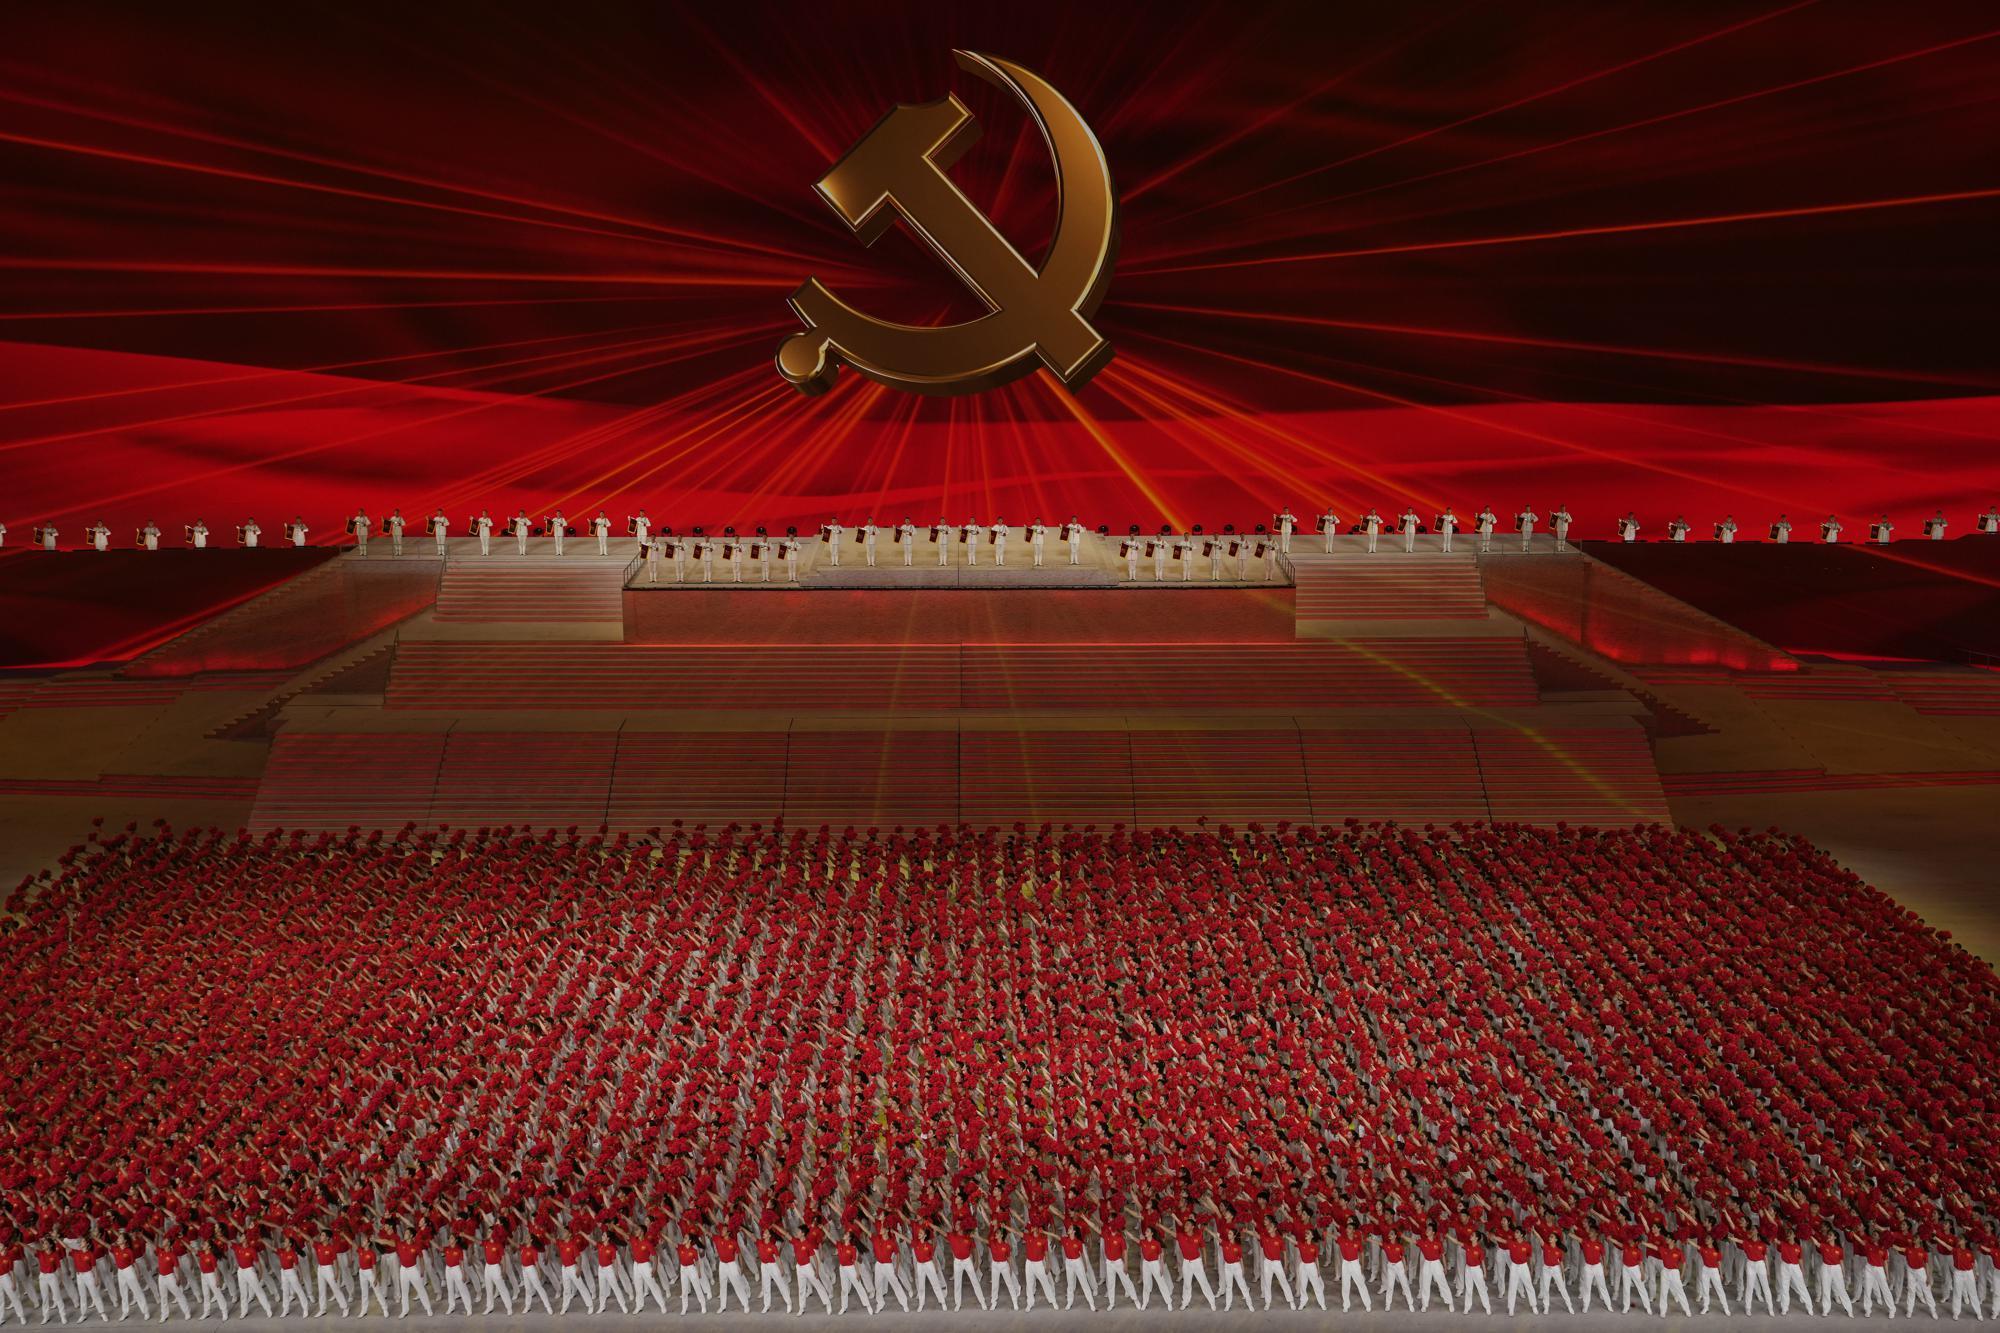 Çin Komünist Partisi'nin 100. Yıl Dönümü kutlamalarına dair bir organizasyon.